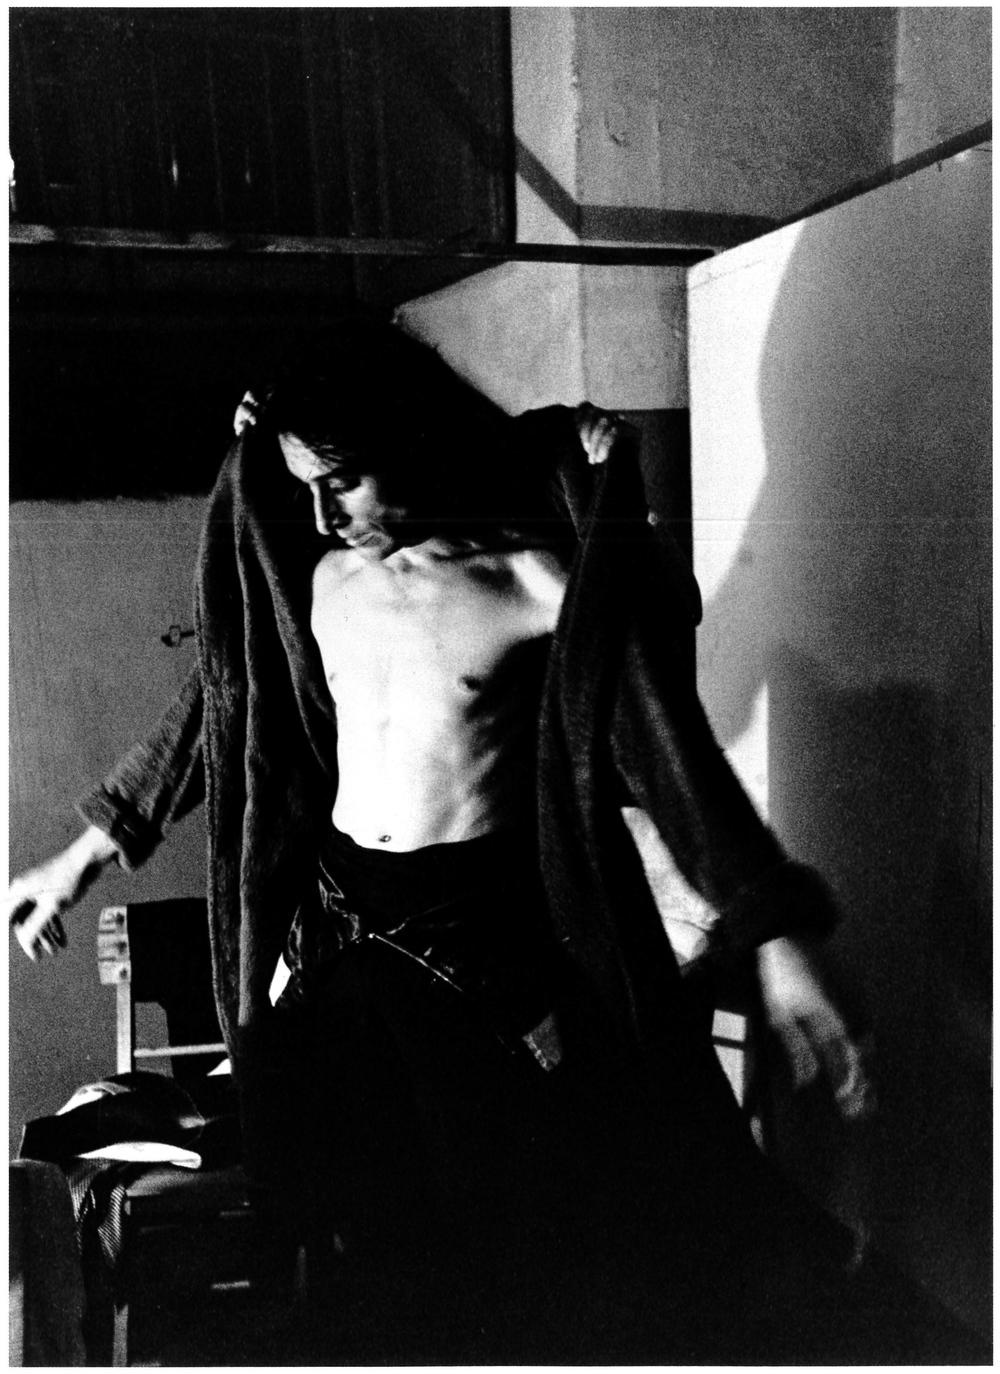 Antonio Gades in camerino. Milano, 1971.